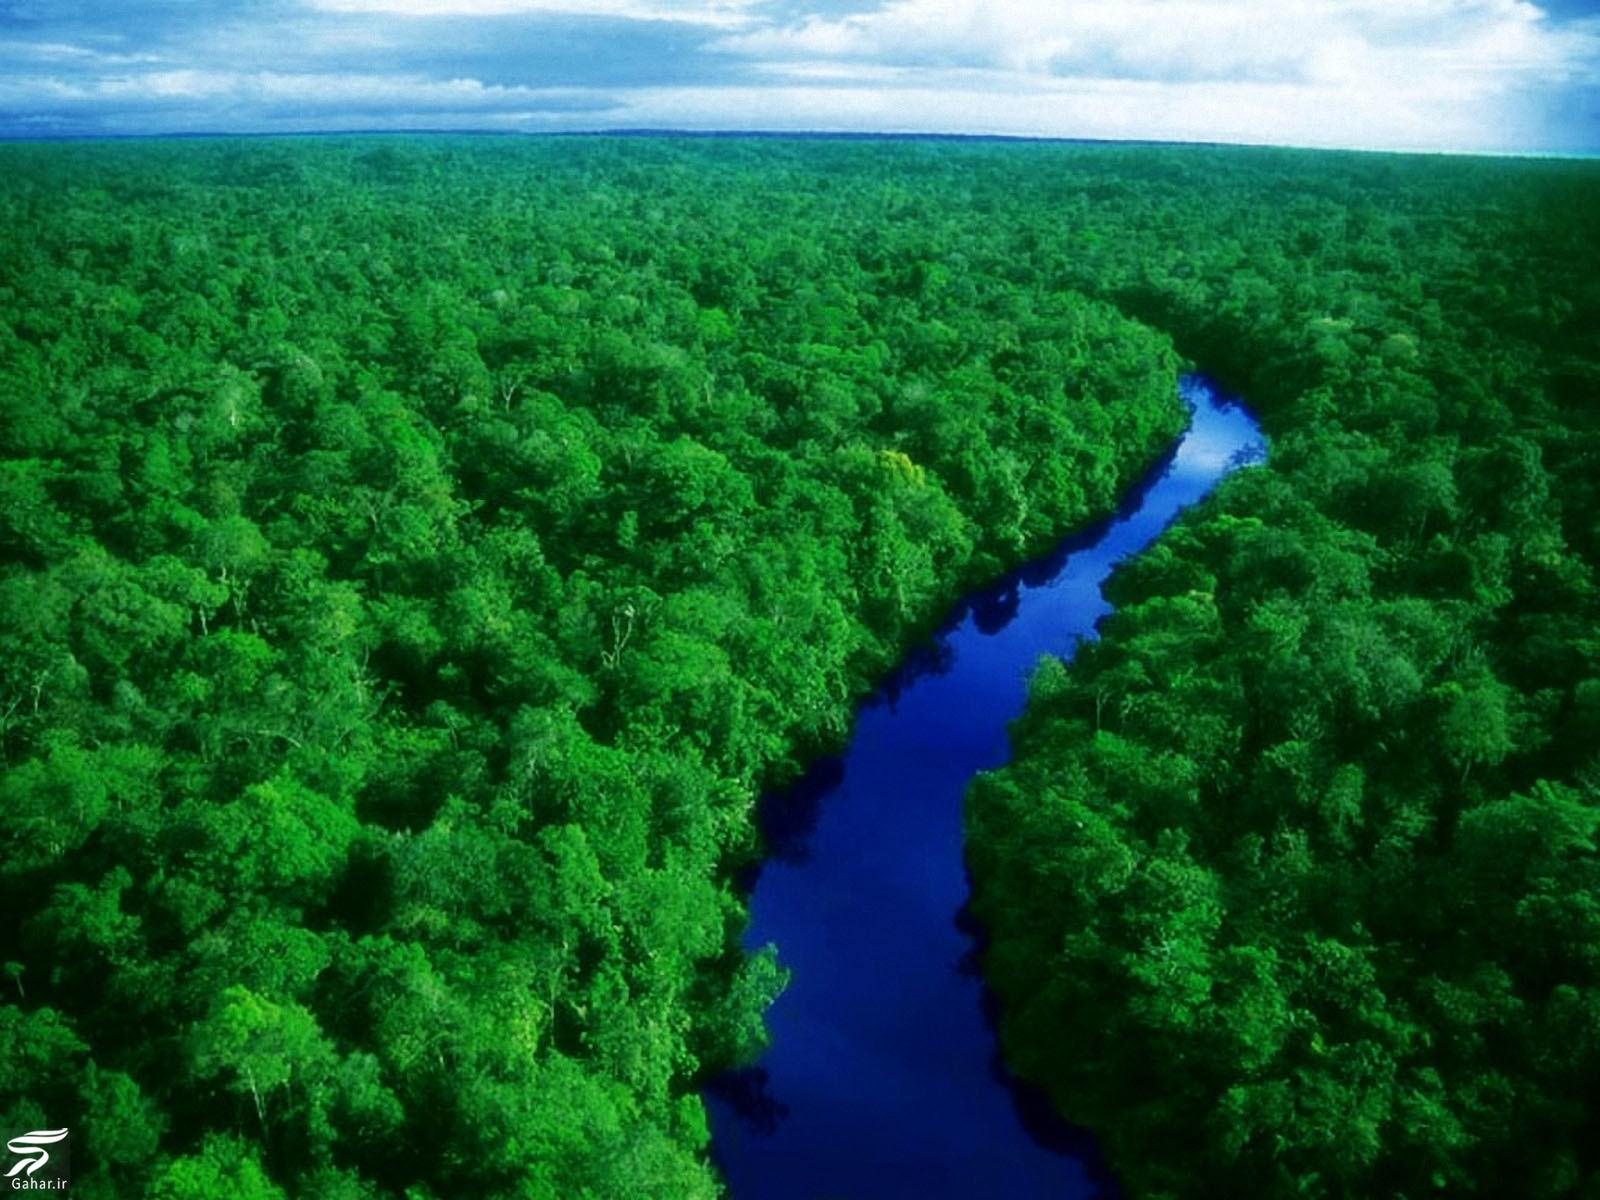 راهنمای سفر به جنگل آمازون + جاذبه های گردشگری آمازون, جدید 1400 -گهر